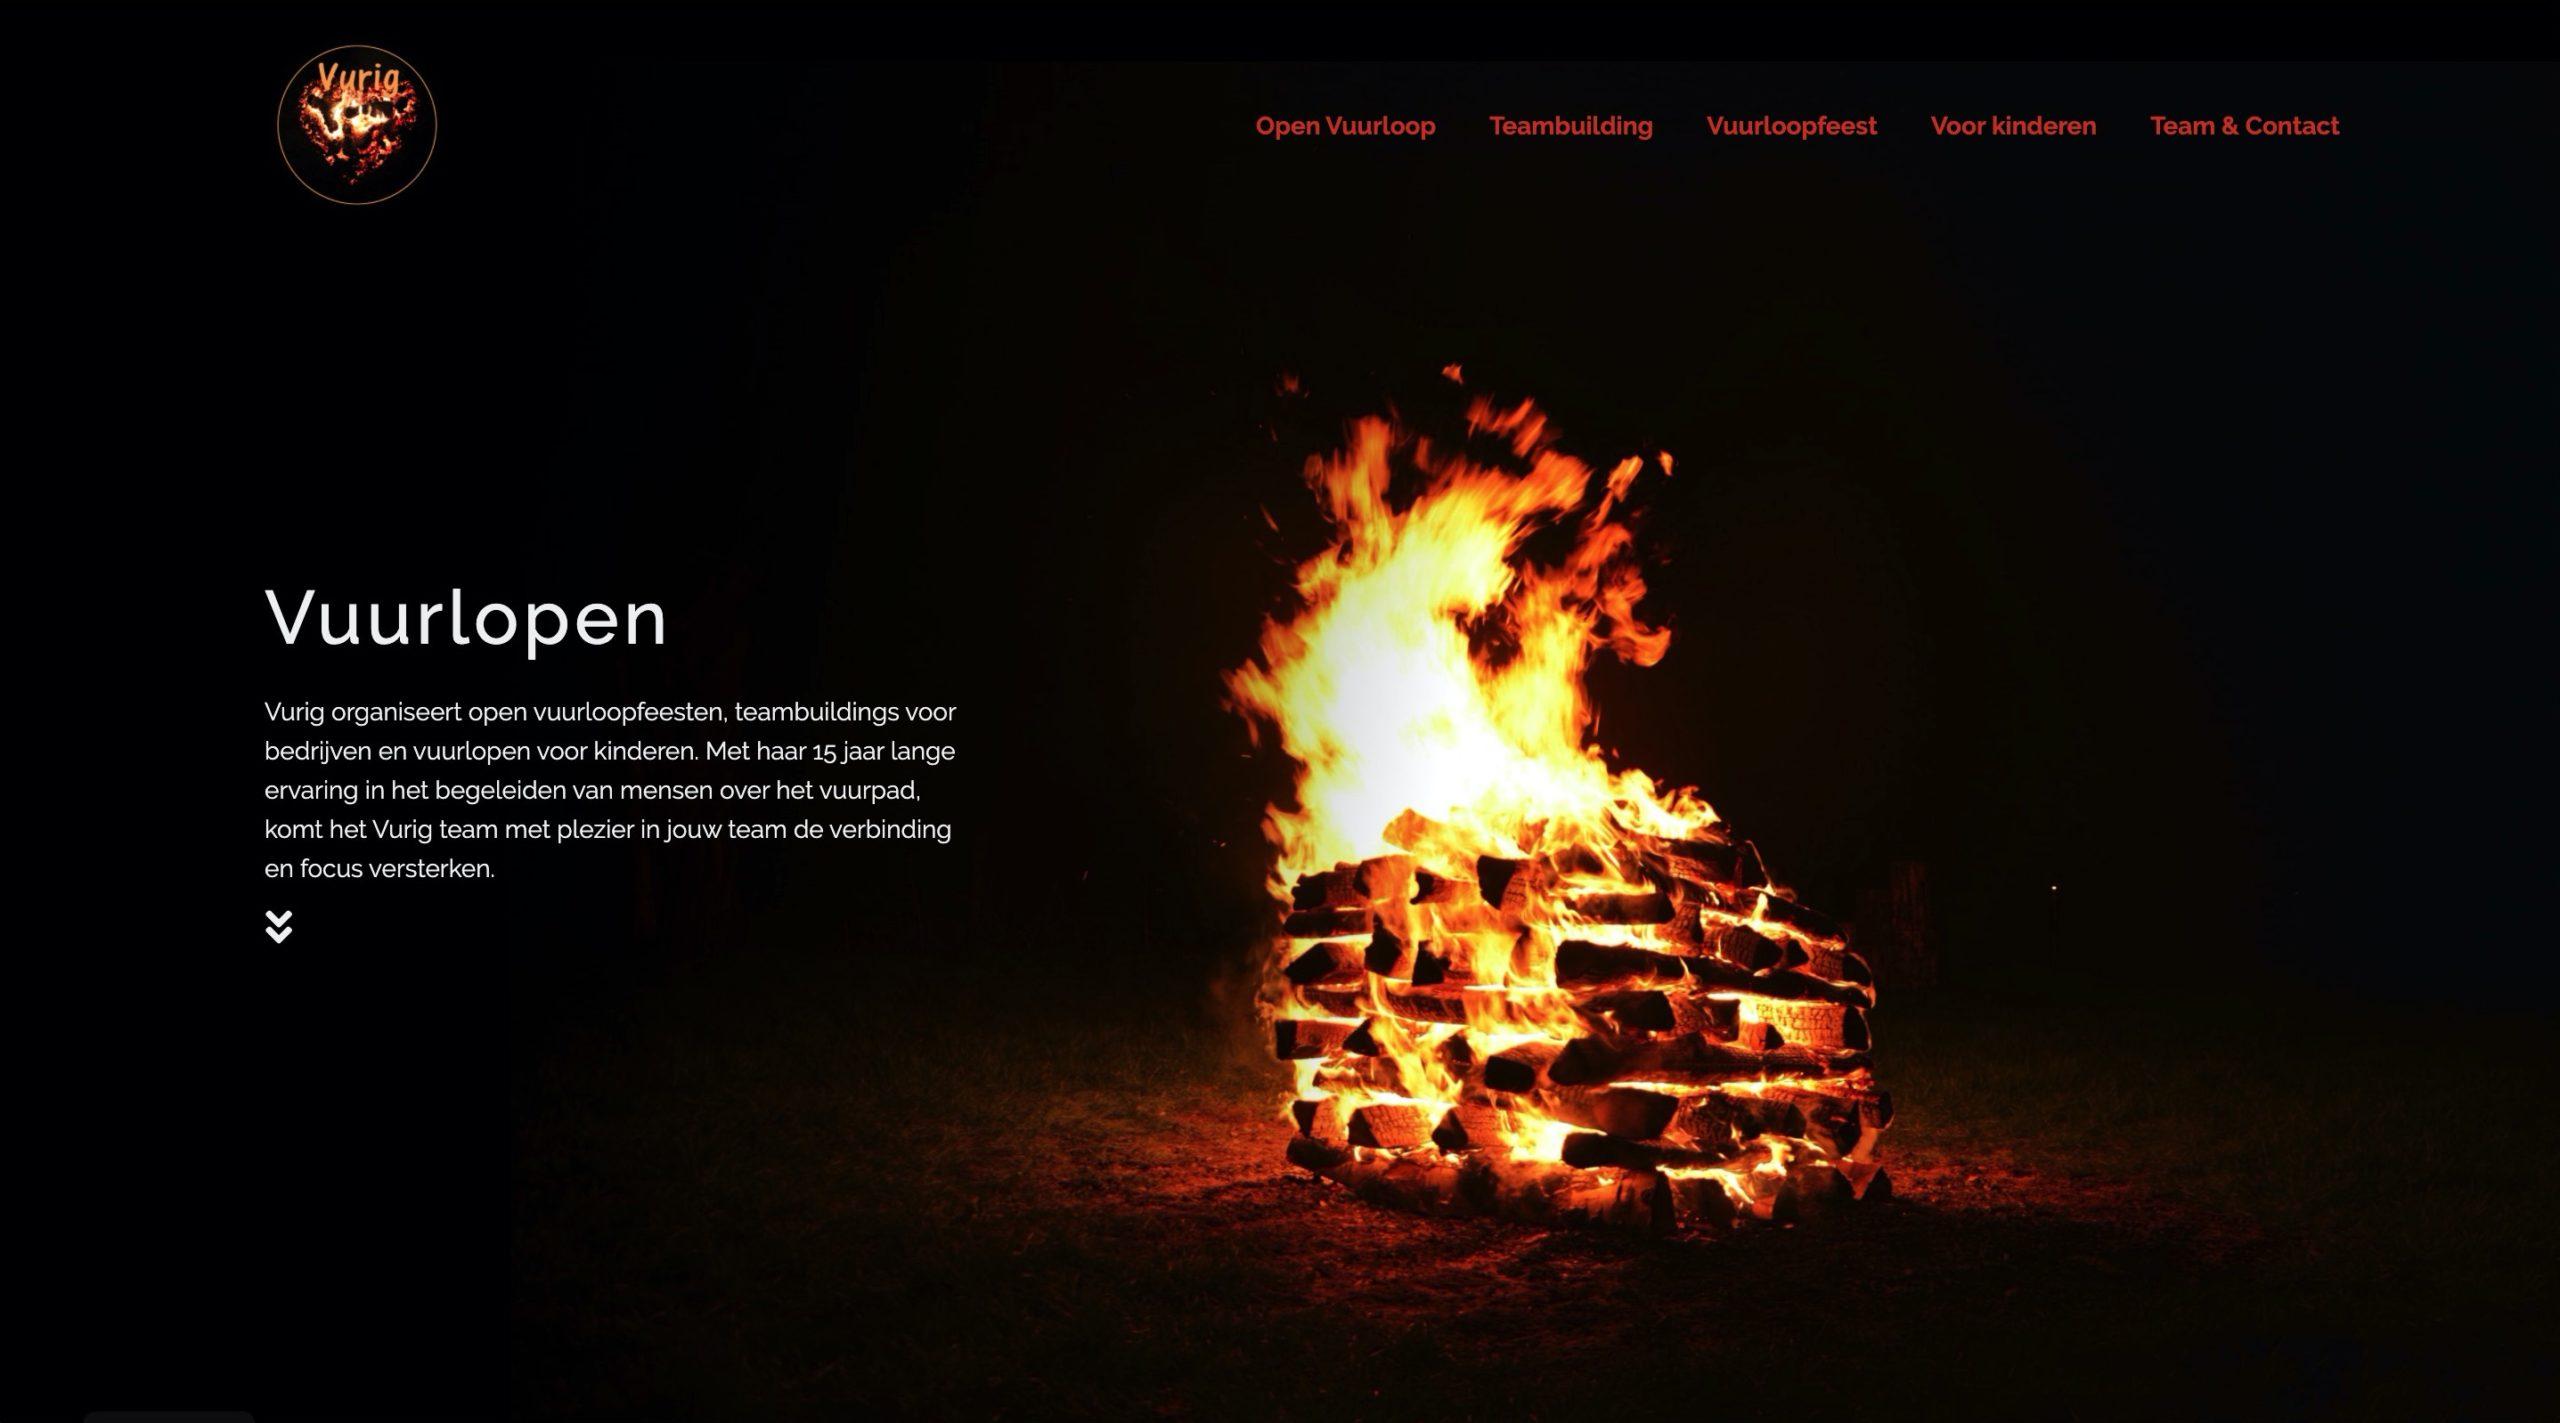 website vurig.be startpagina